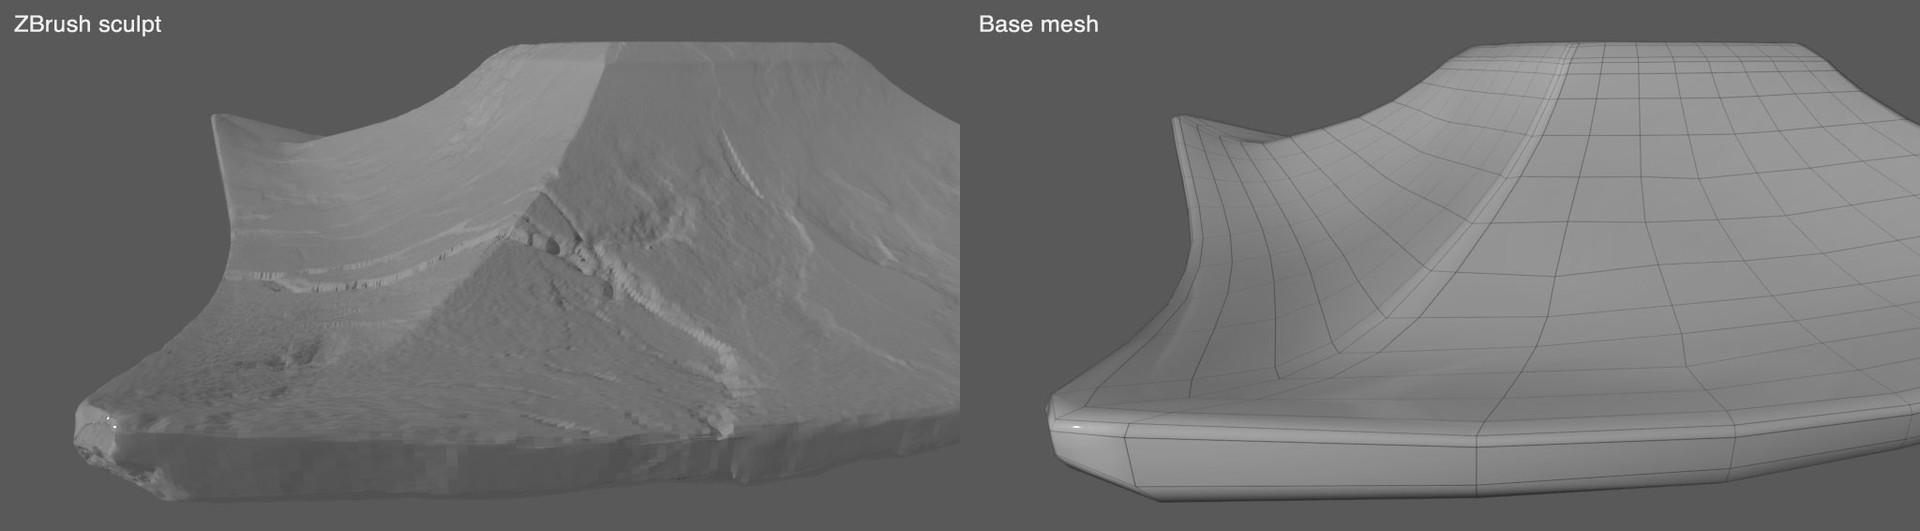 Sculpt vs base mesh.